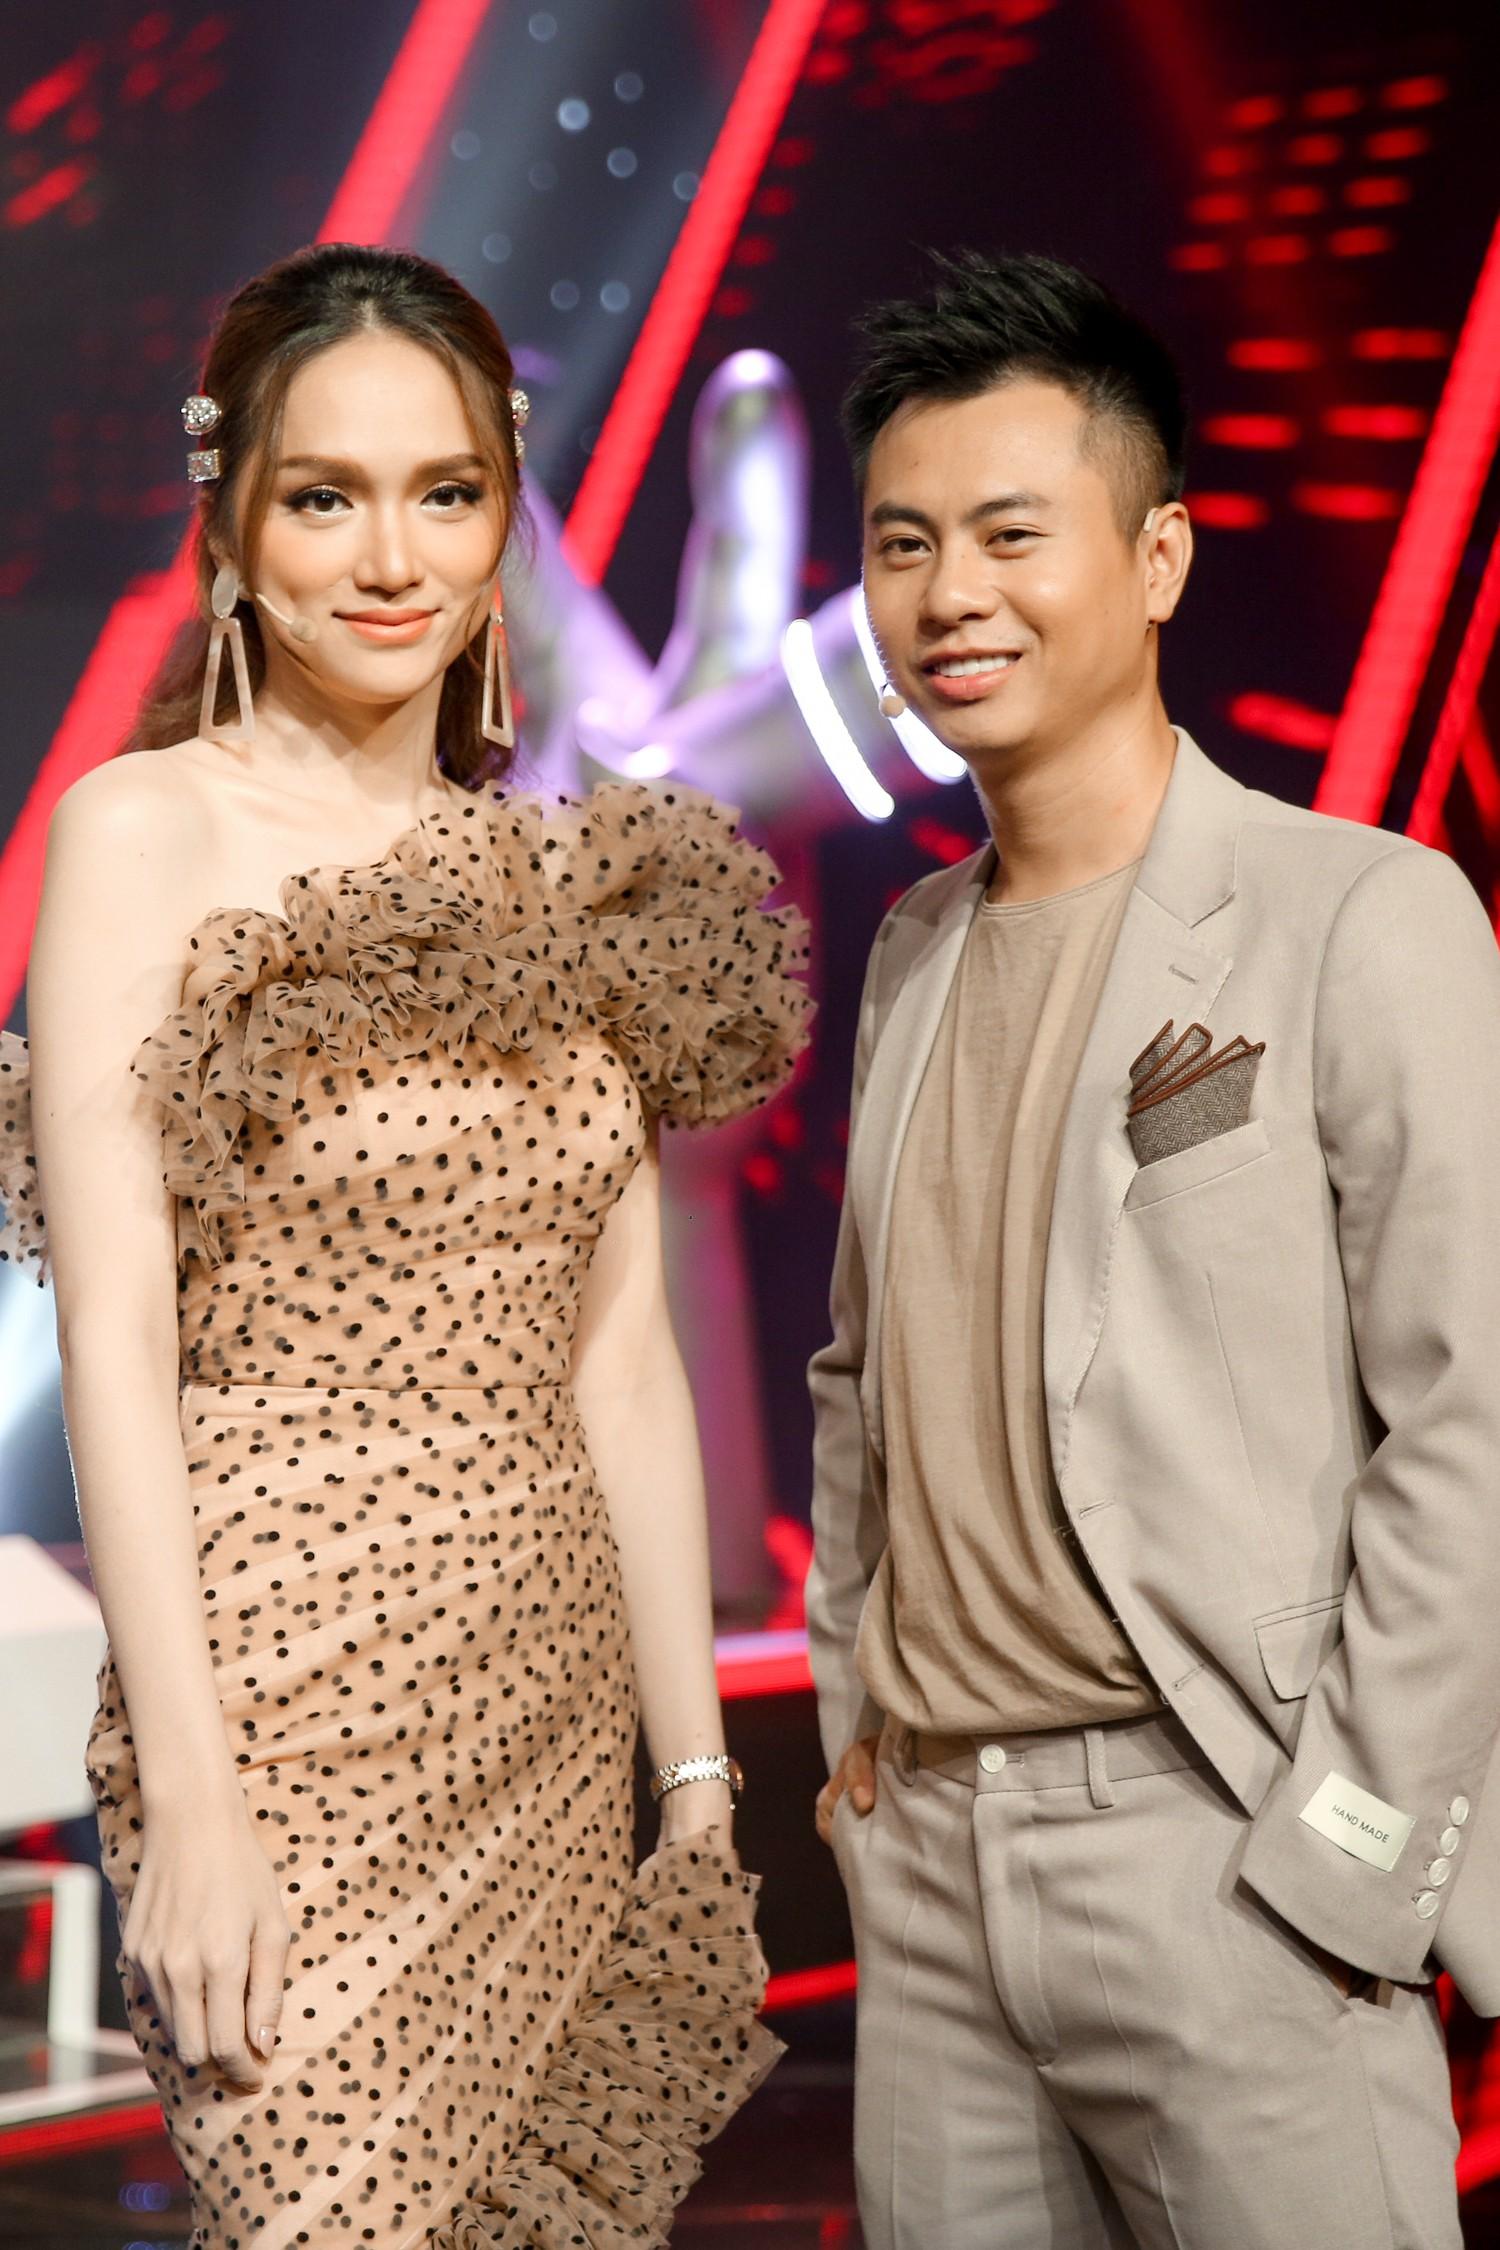 Vượt bão ồn ào ly hôn, Phạm Quỳnh Anh làm HLV The Voice Kids, ngồi ghế nóng cùng Dương Khắc Linh  - Ảnh 2.